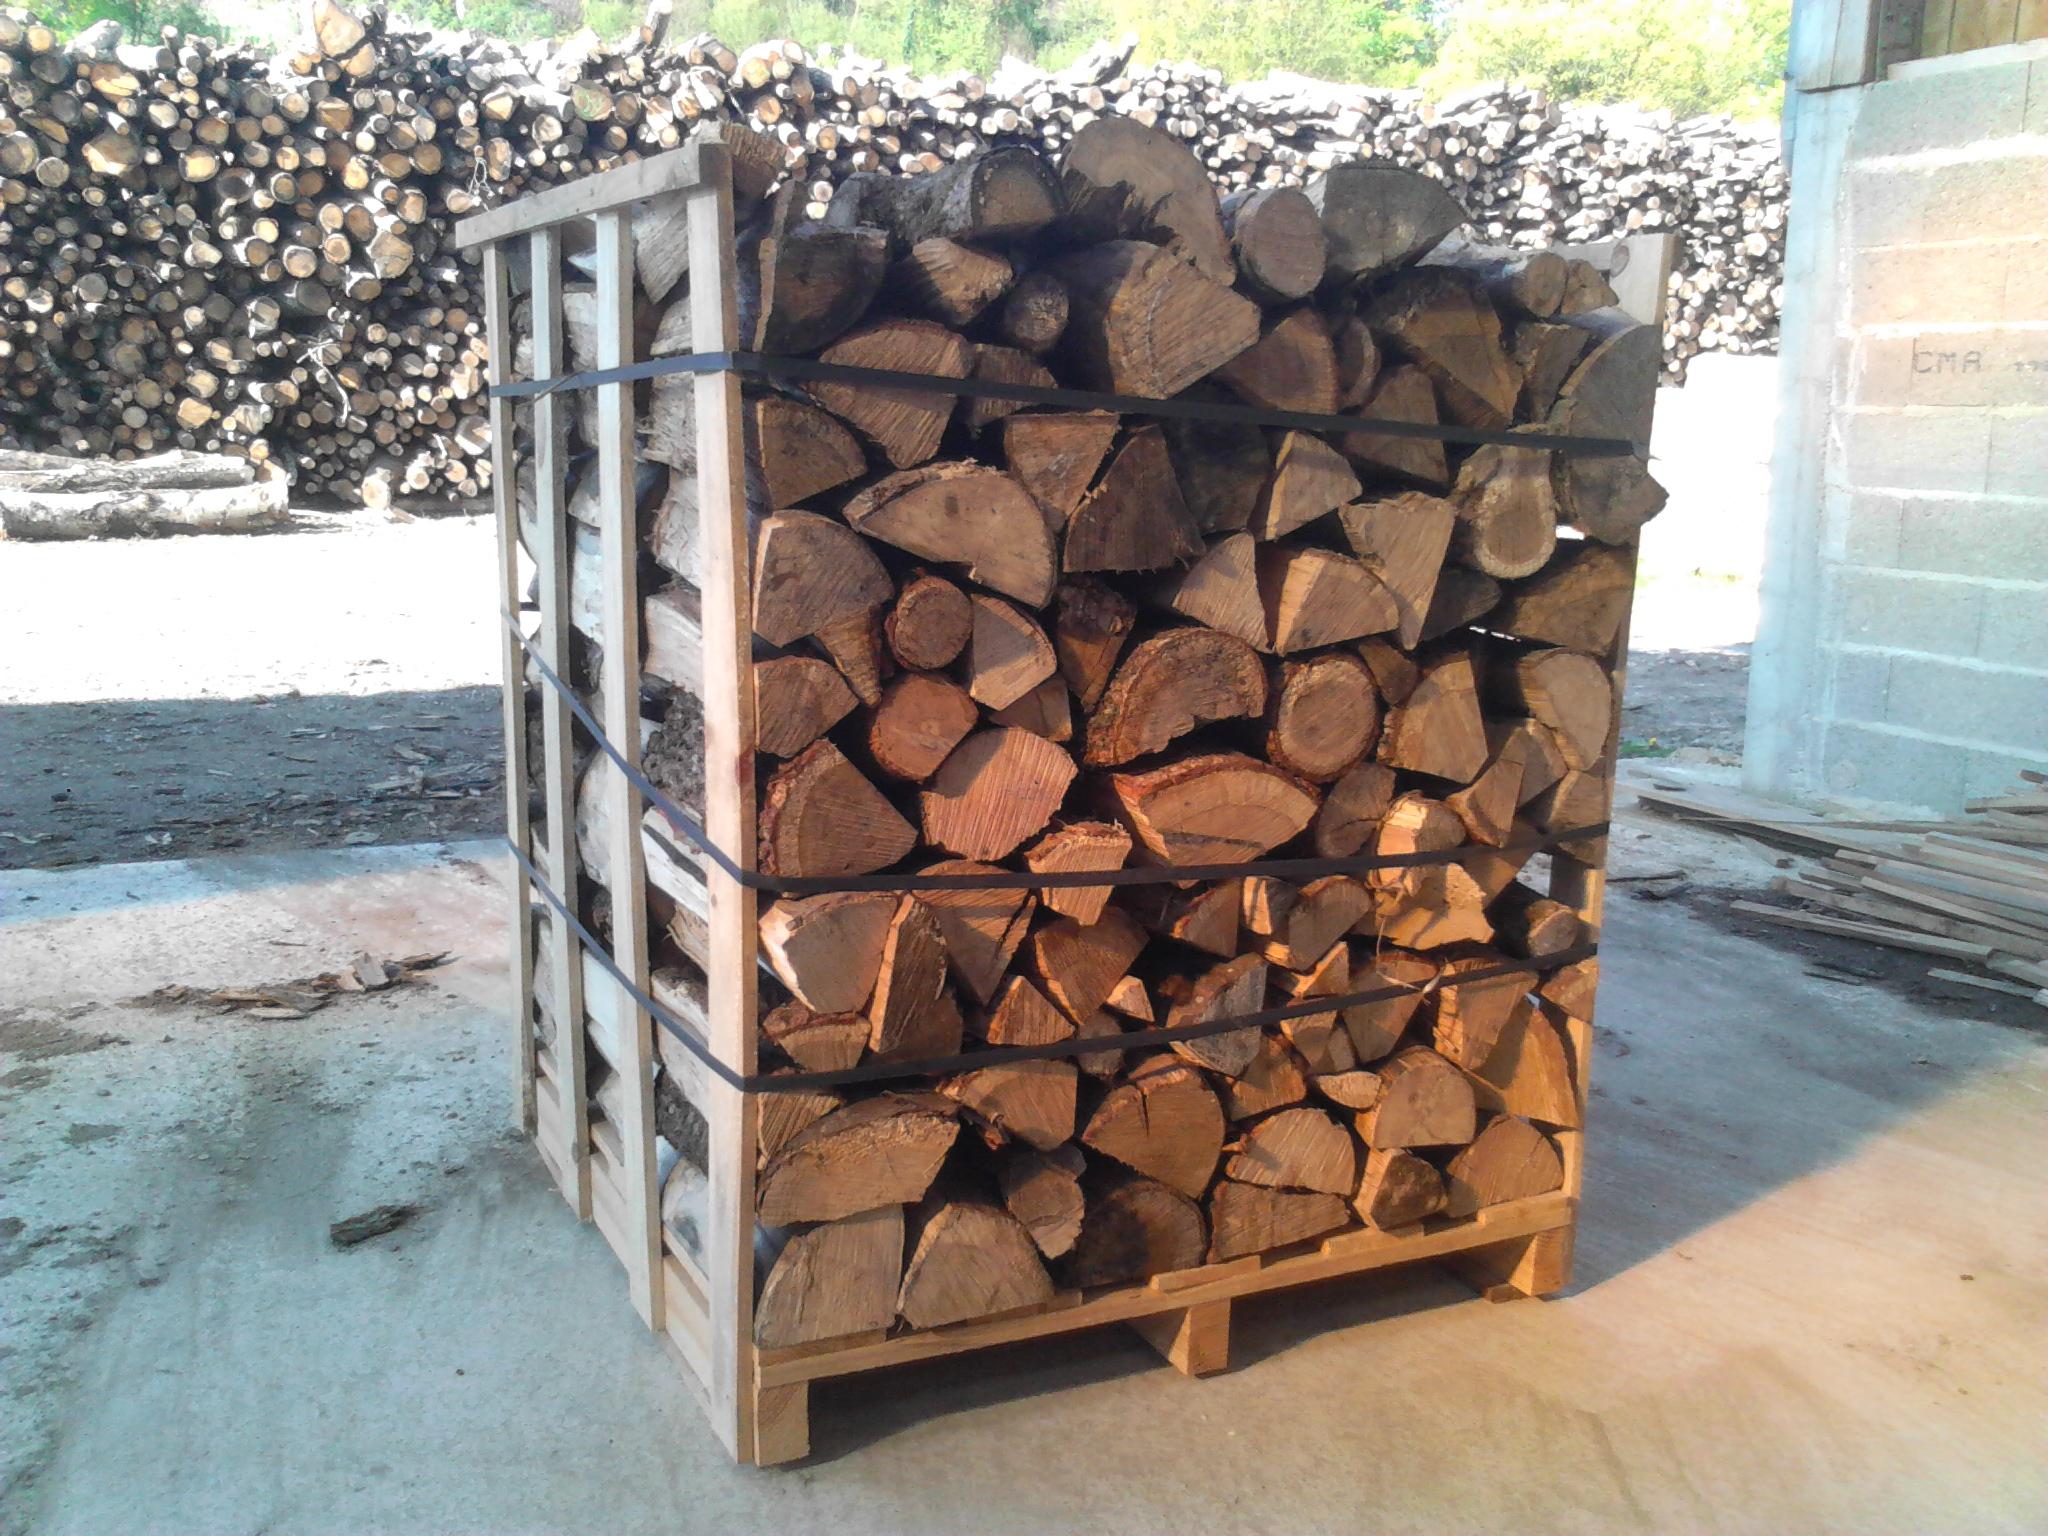 Fournisseur De Bois De Chauffage - Accueil eflp bois de chauffage 72 41